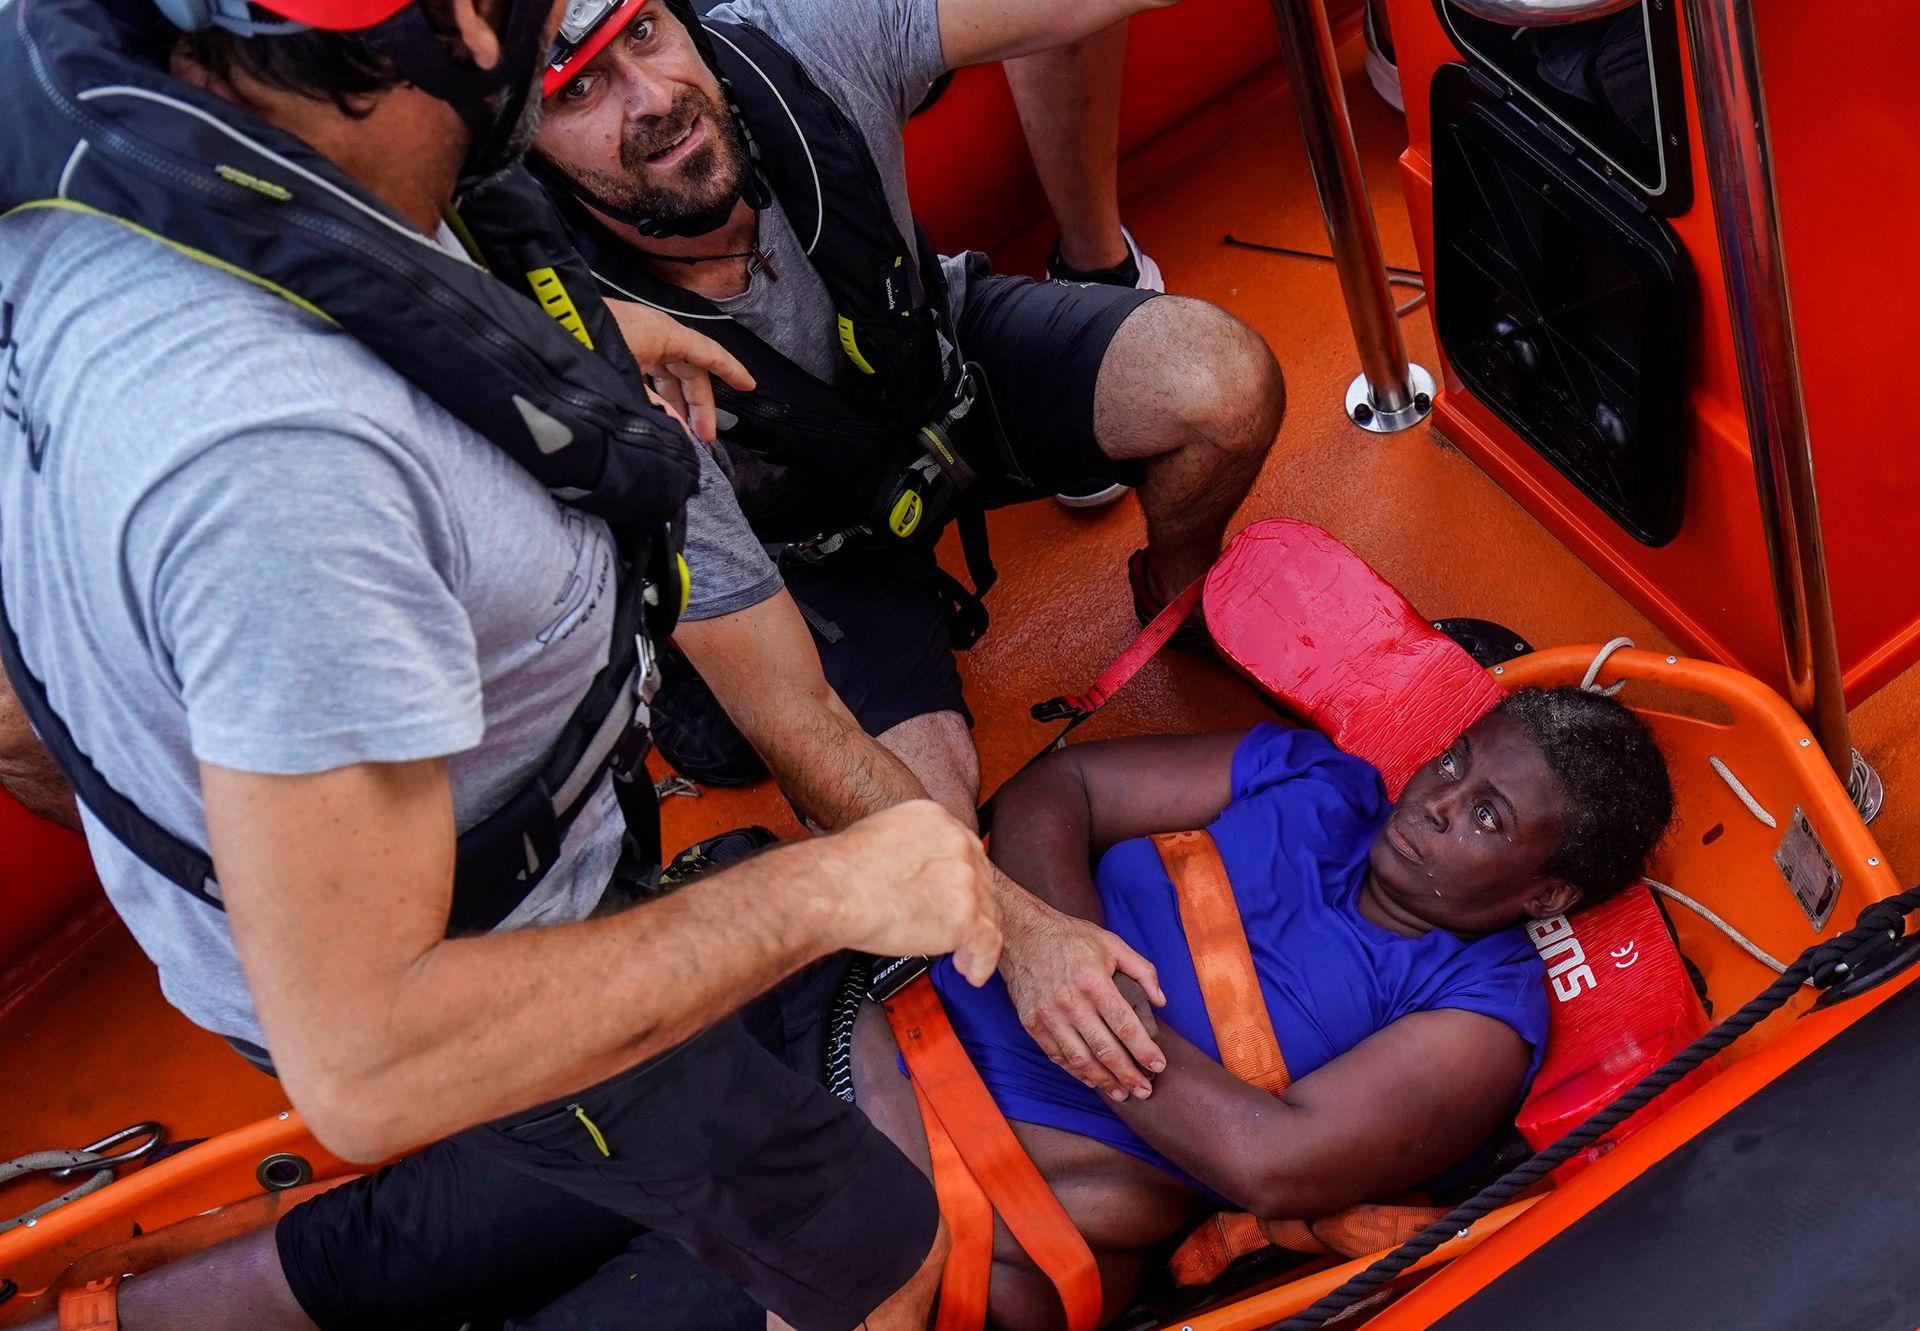 Josepha, una camerunesa de 40 años es asegurada en la camilla para su traslado